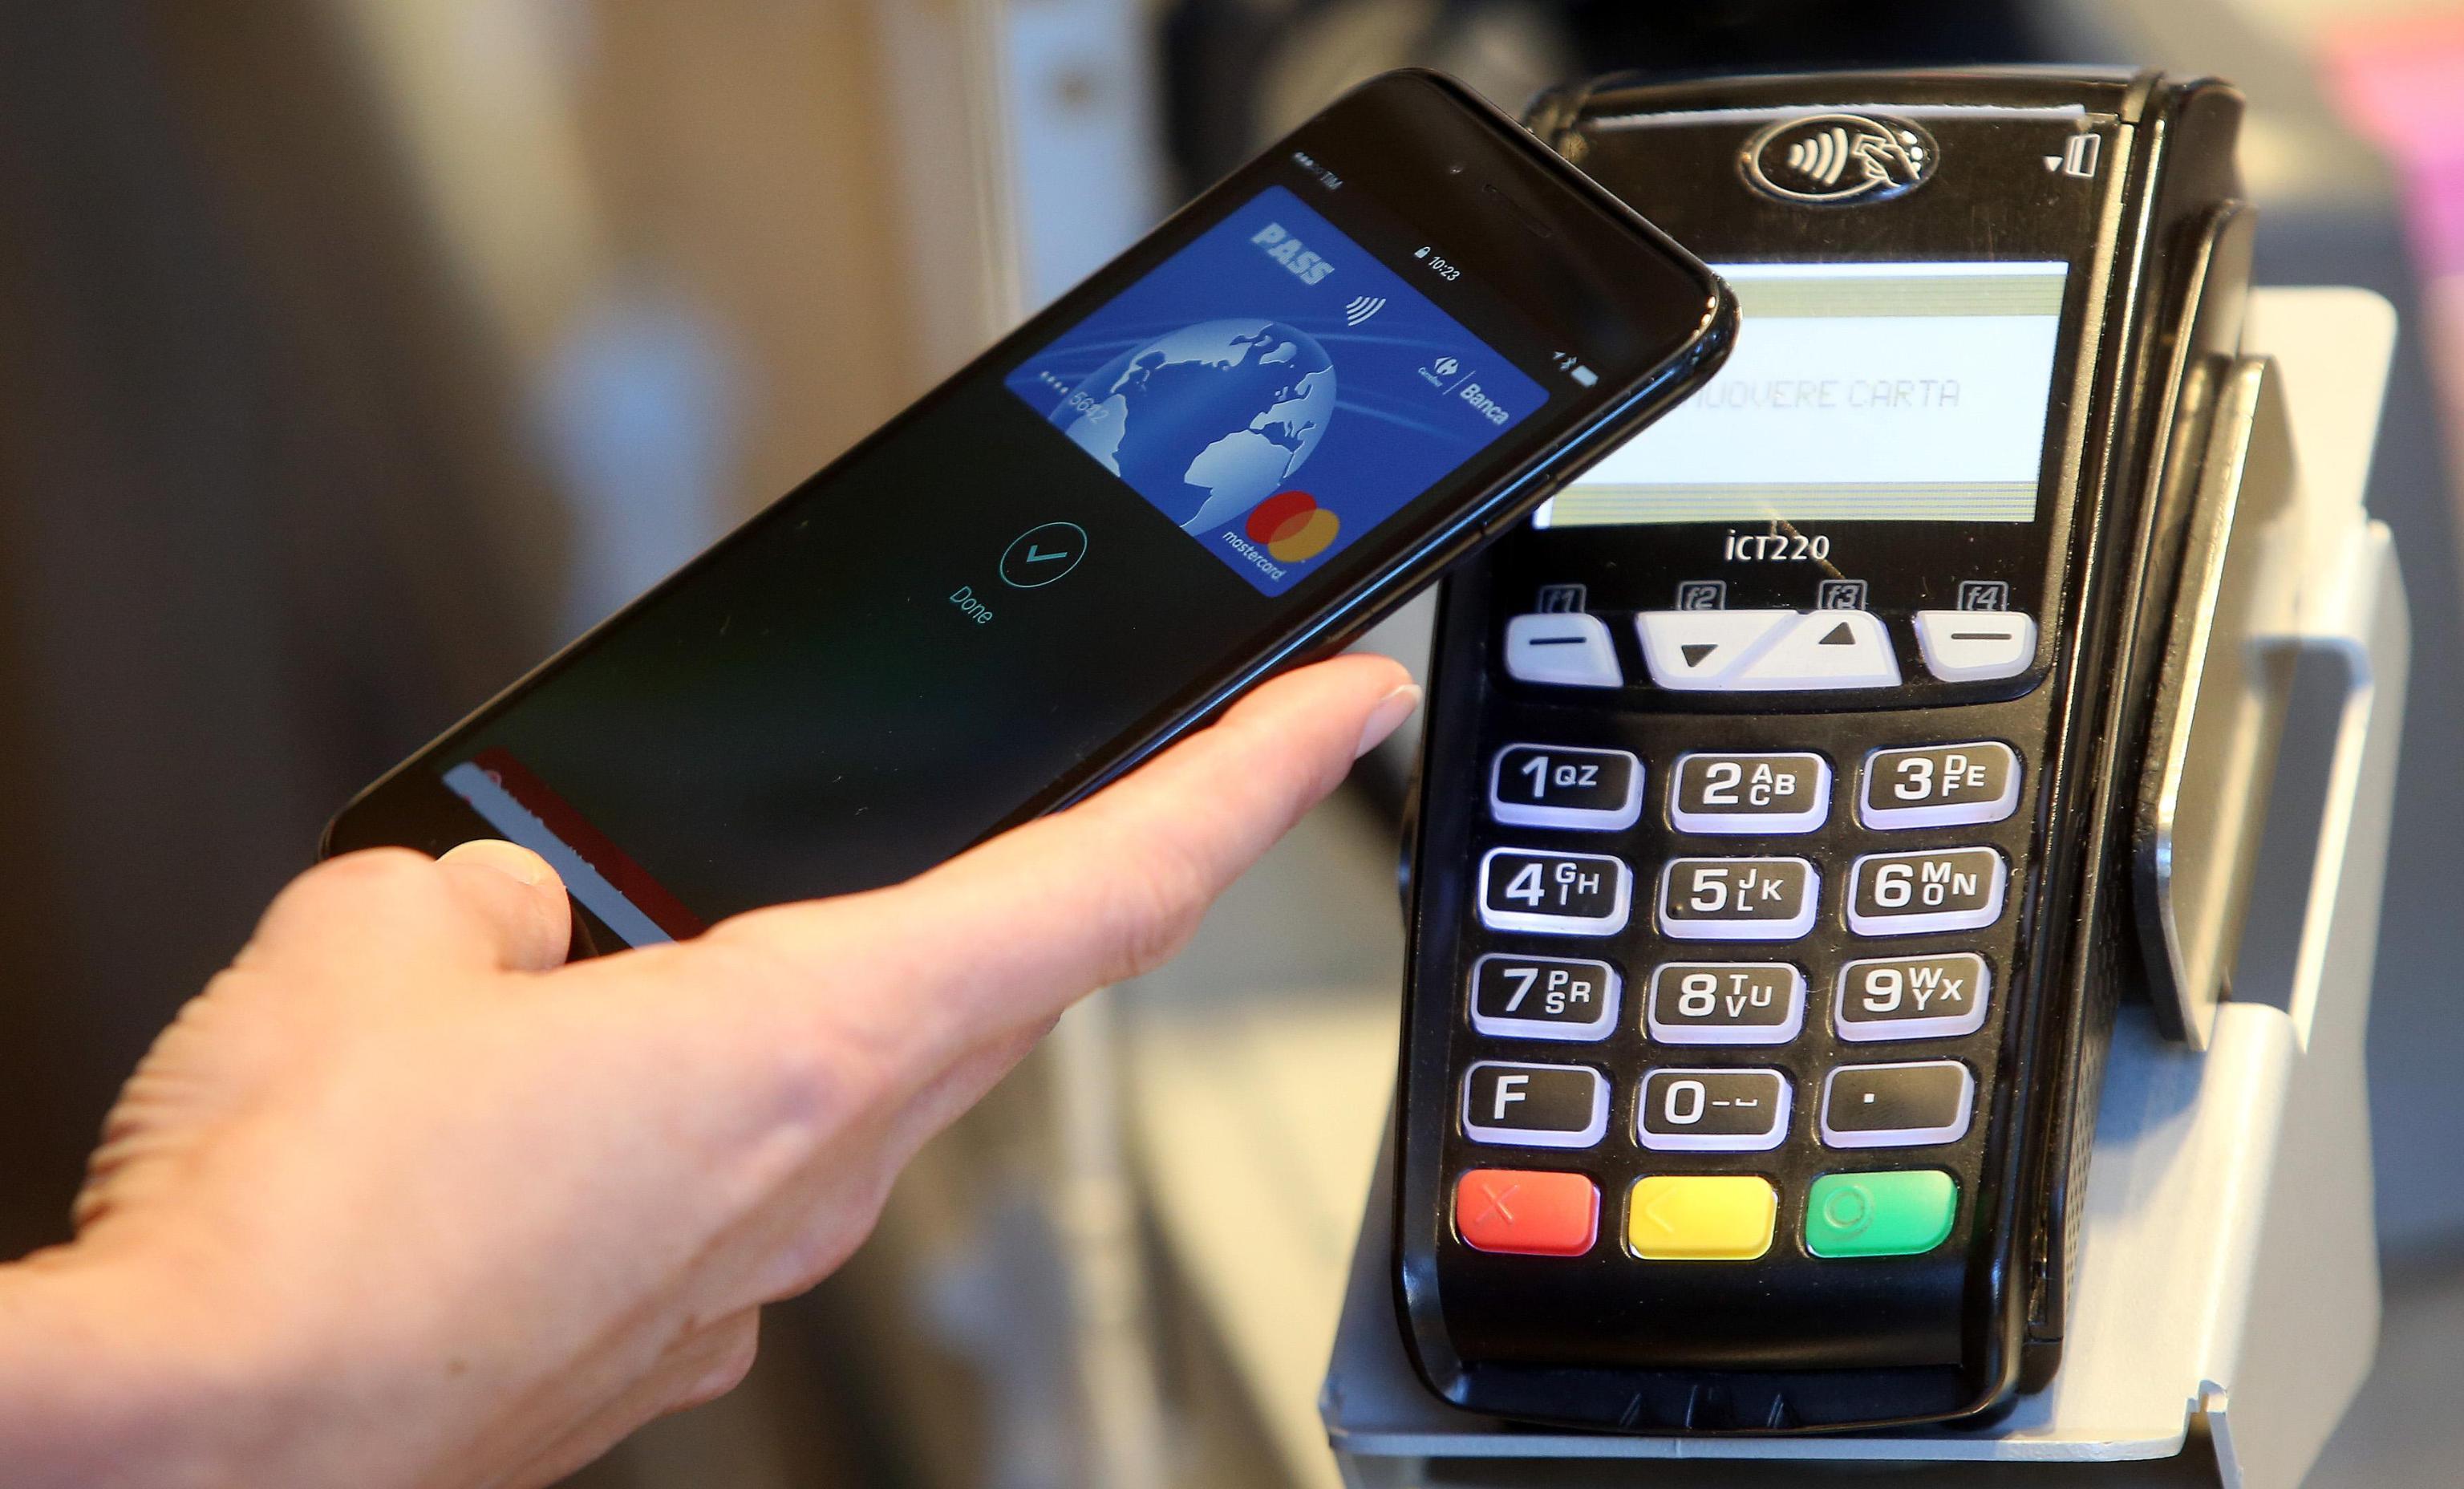 Pos obbligatorio per tutti, multe a chi non accetta pagamenti elettronici